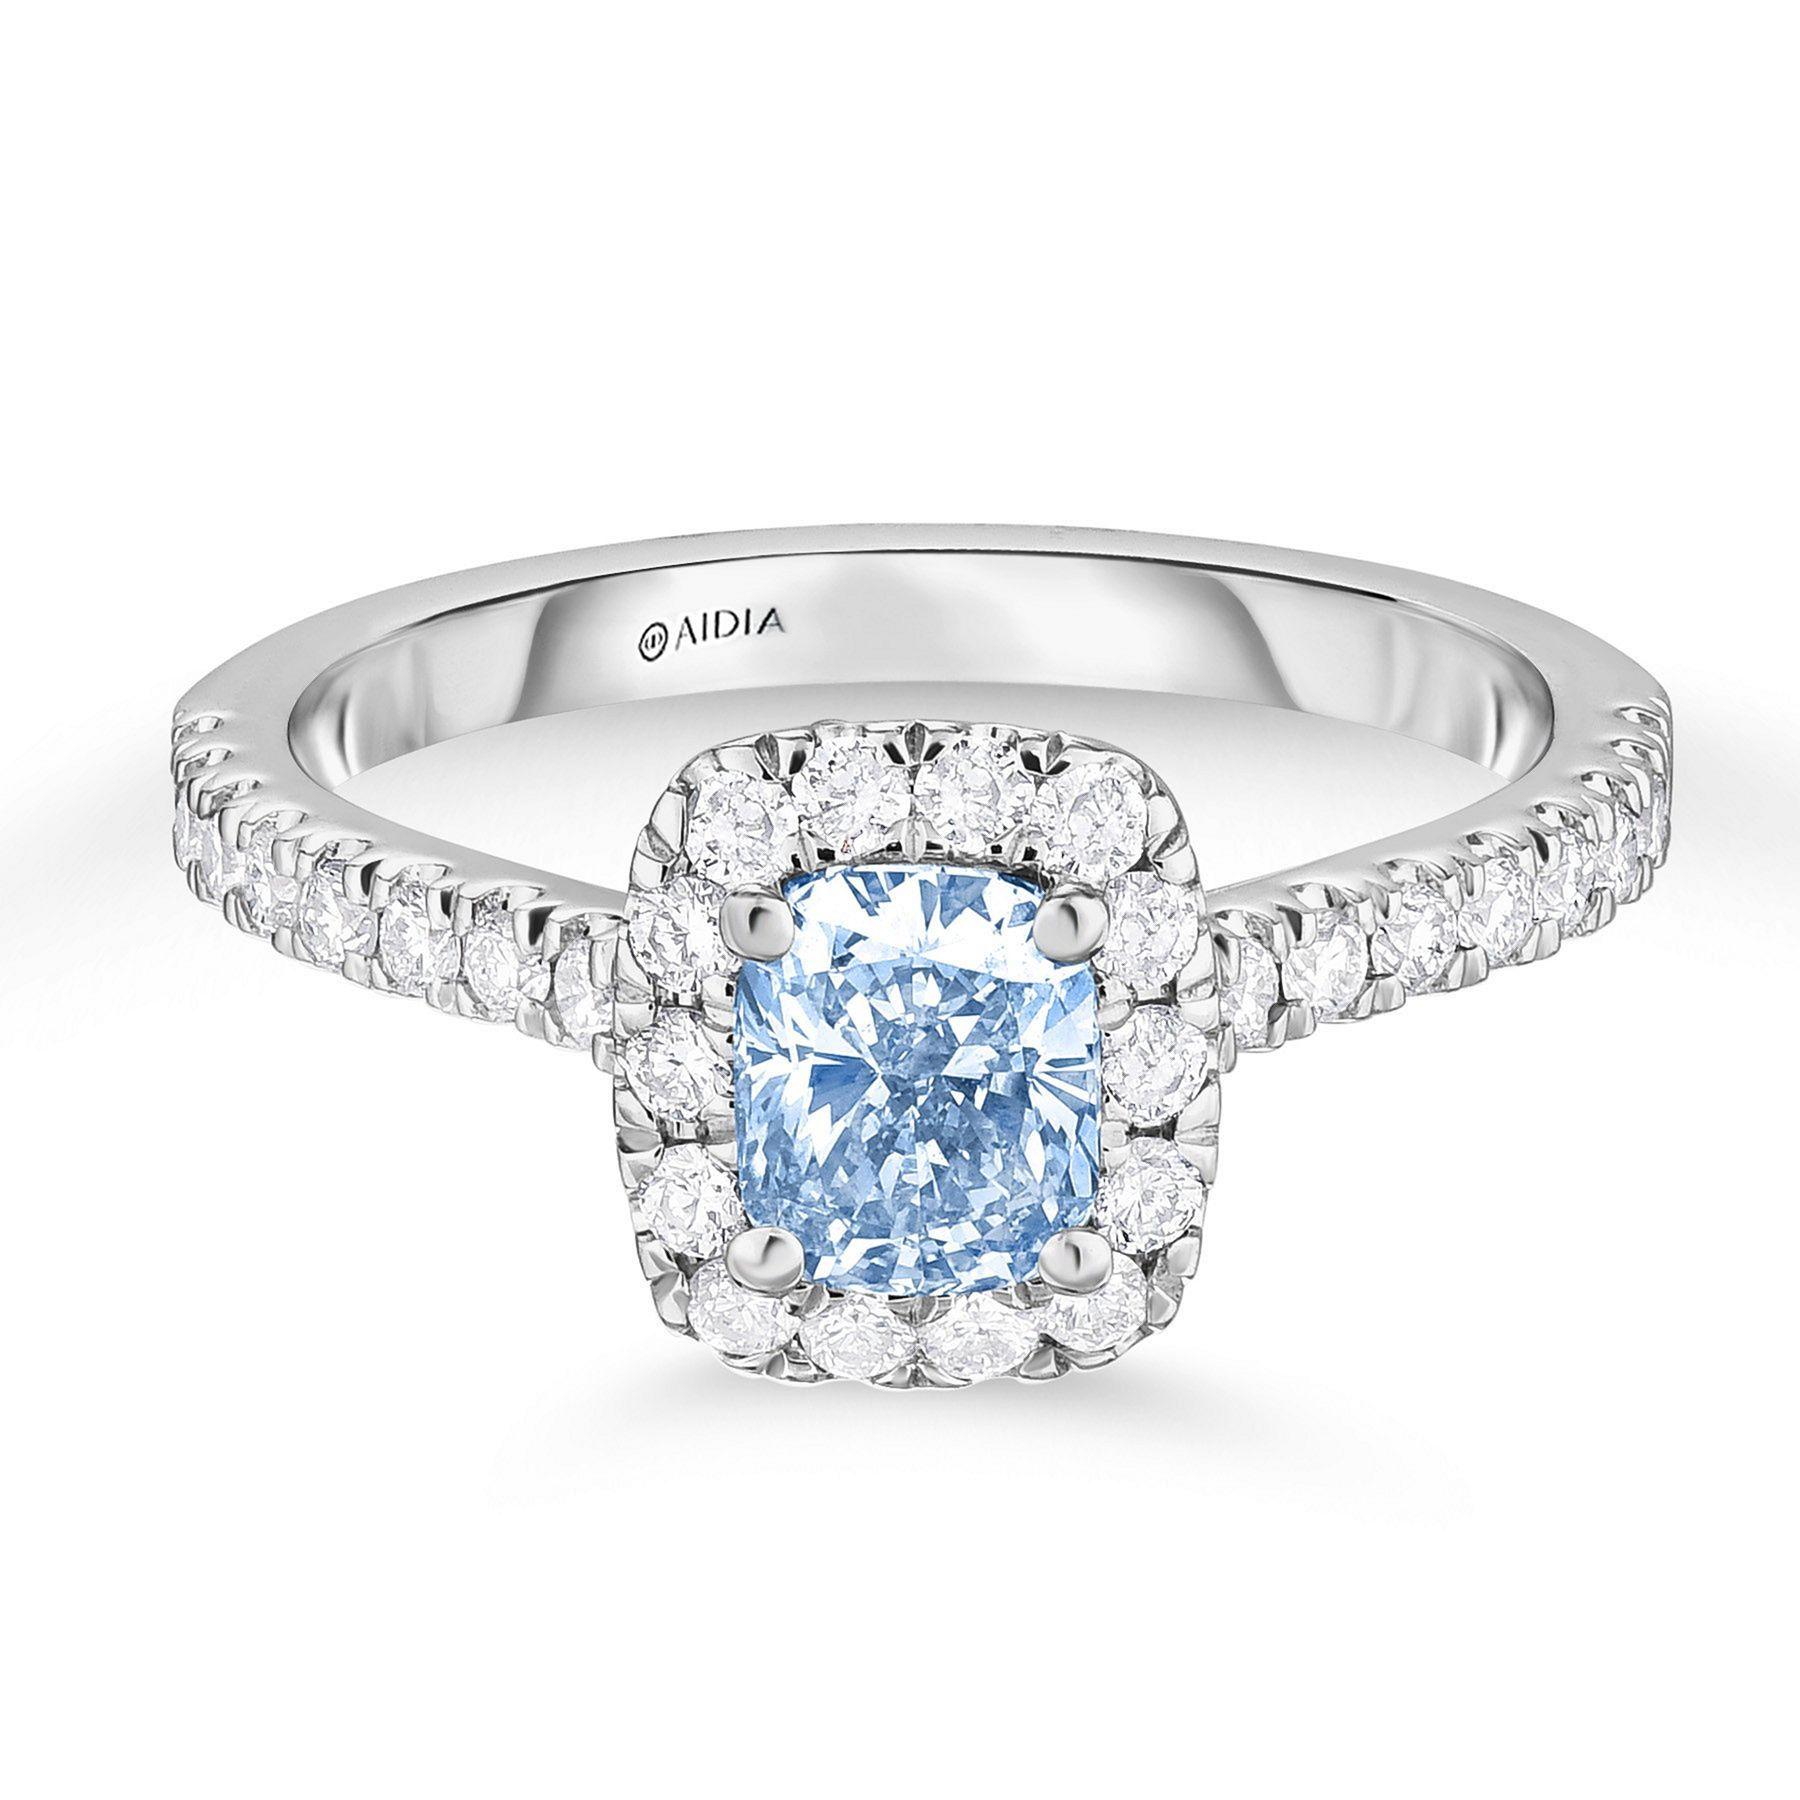 15 Amazing Blue Diamond Wedding Engagement Ring Ideas Blue Engagement Ring Blue Diamond Wedding Ring Blue Diamond Engagement Ring